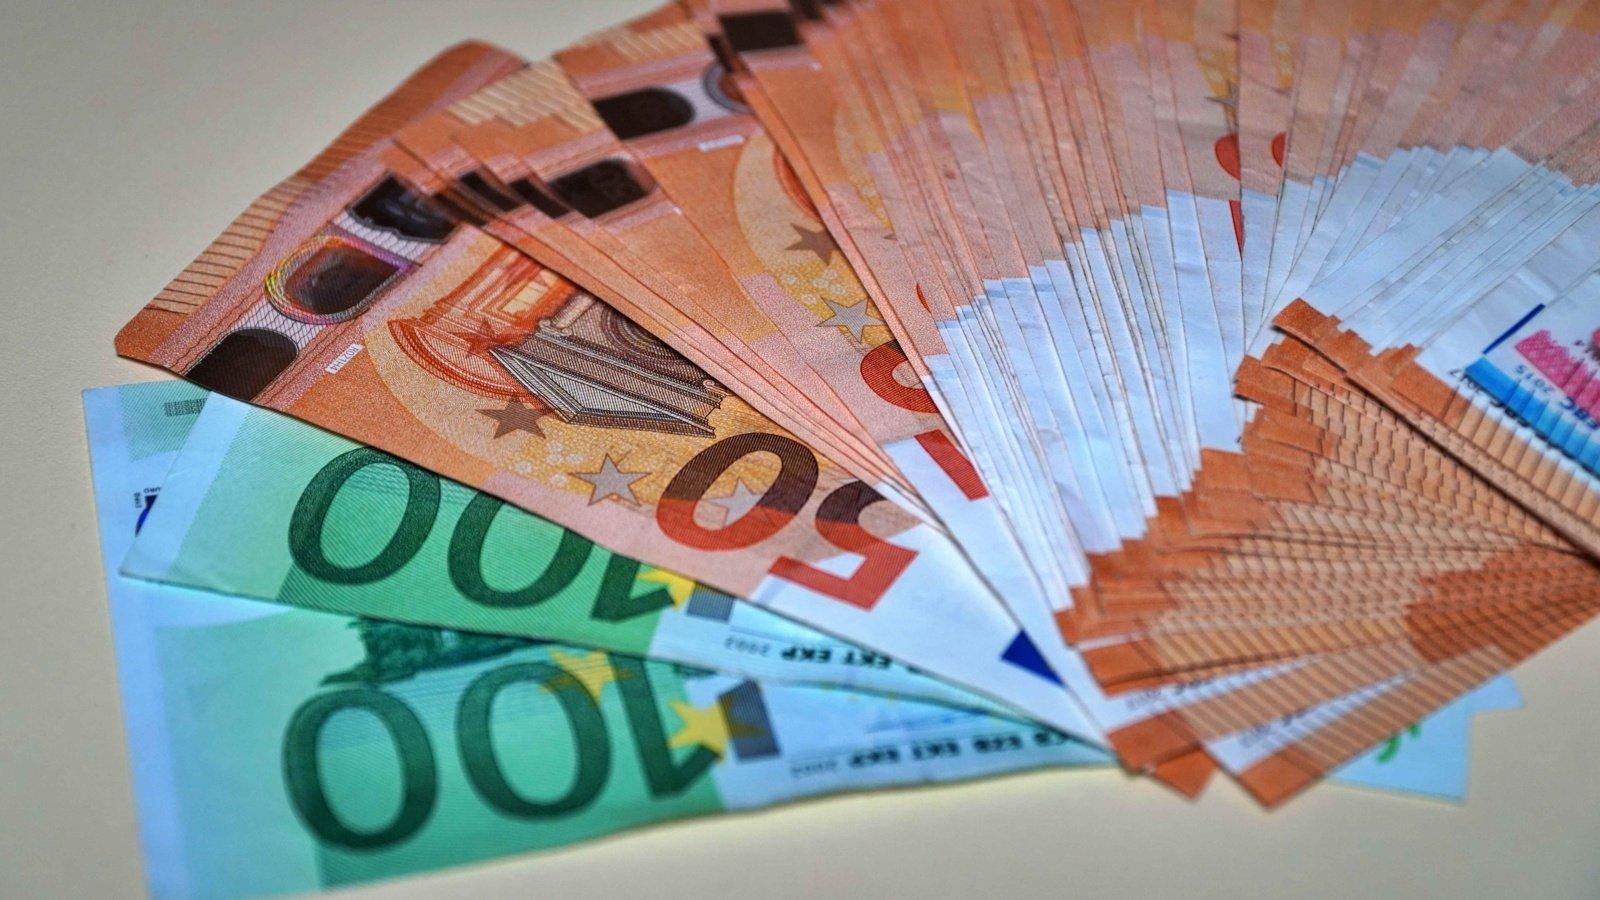 Jonavoje nenustatyti asmenys iš vyro išviliojo 26,6 tūkstančio eurų